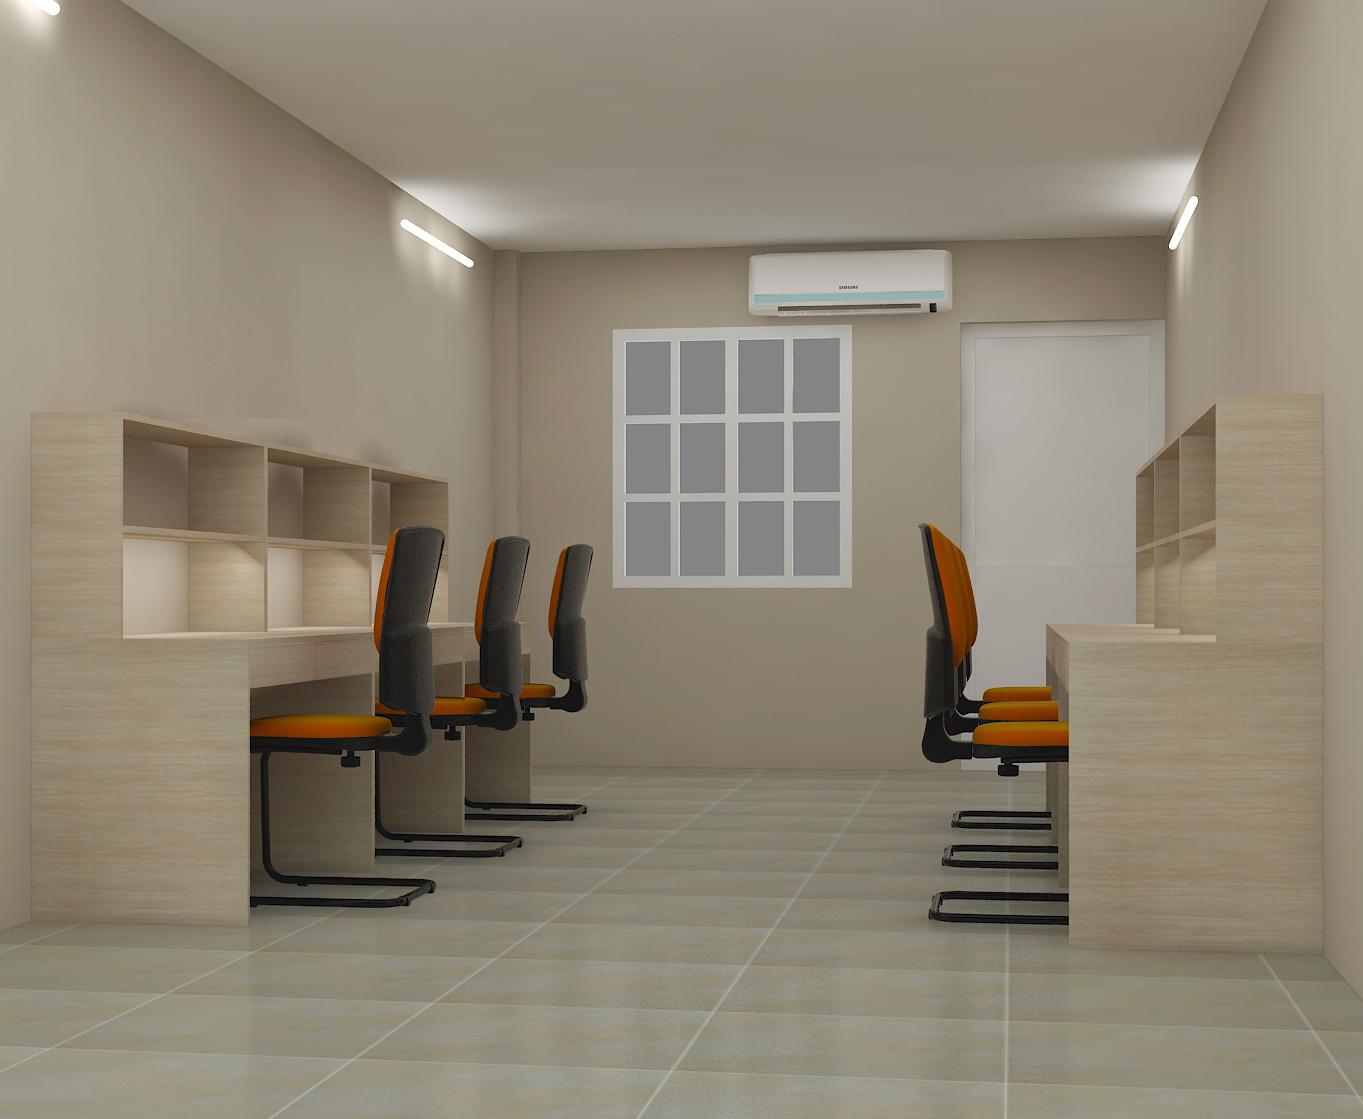 Phòng kỹ thuật với bàn ghế đơn giản